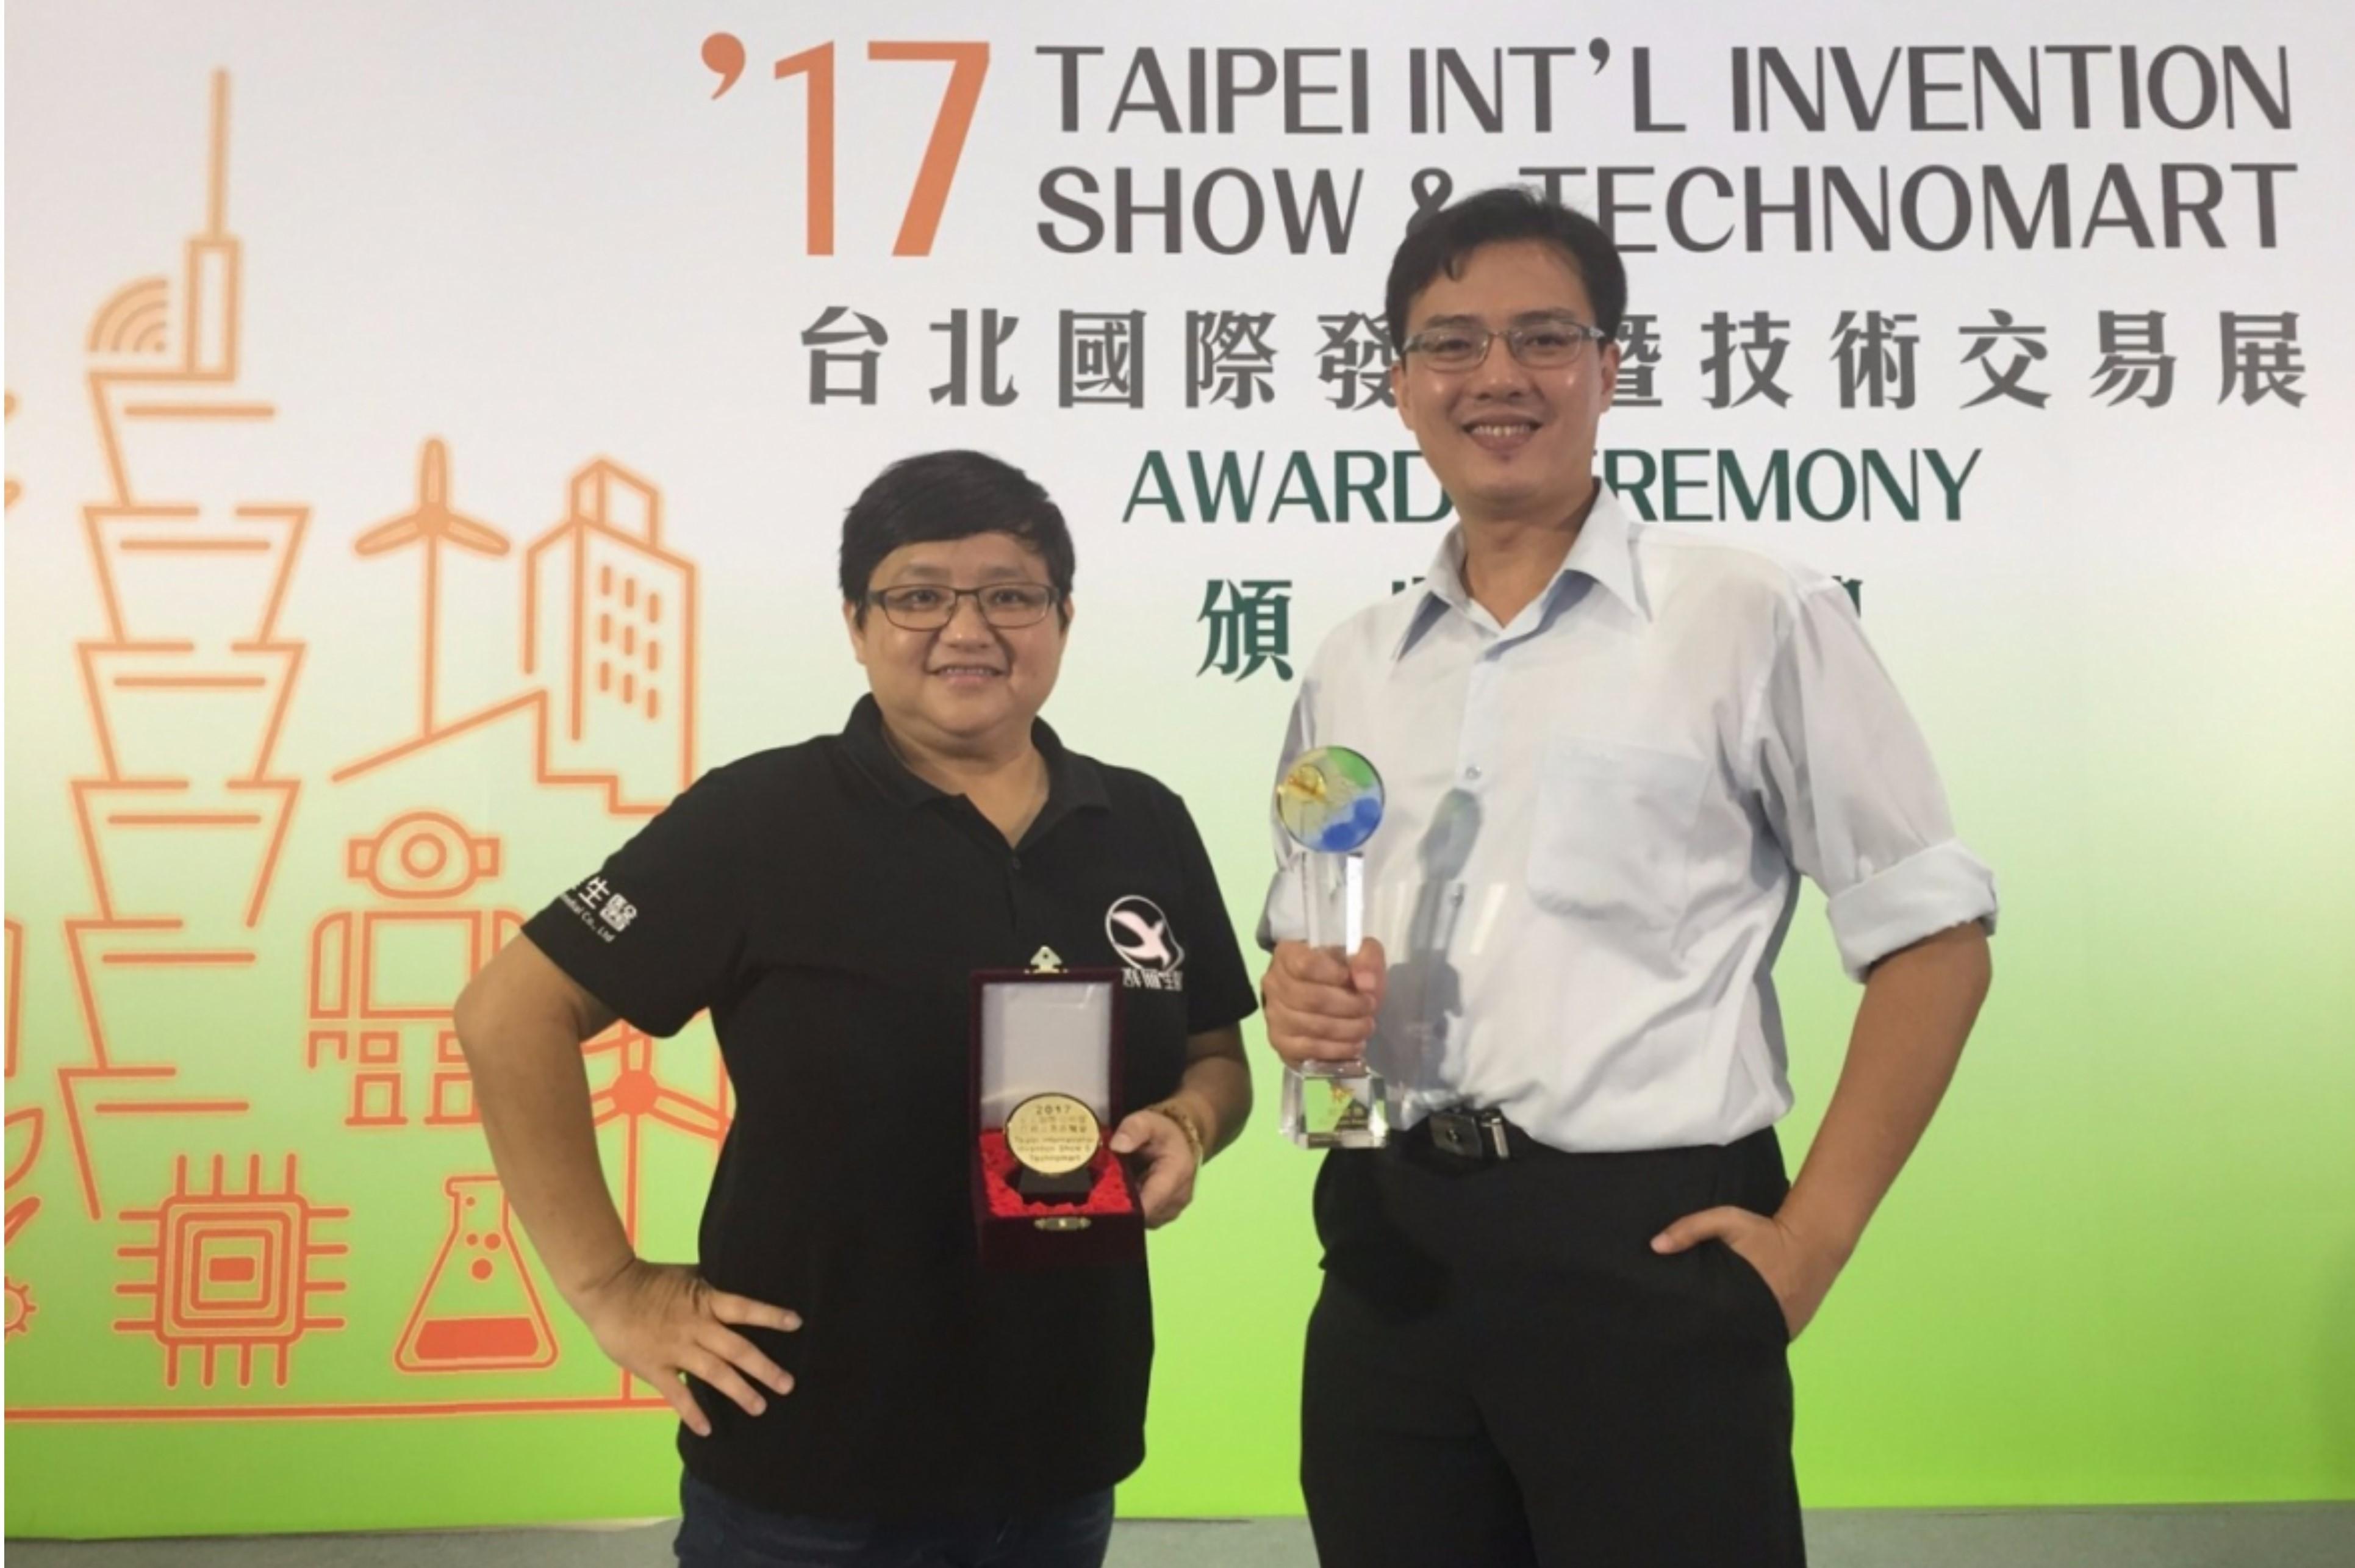 杜翌群教授與林美燕榮獲2017台北國際發明暨技術交易展鉑金獎